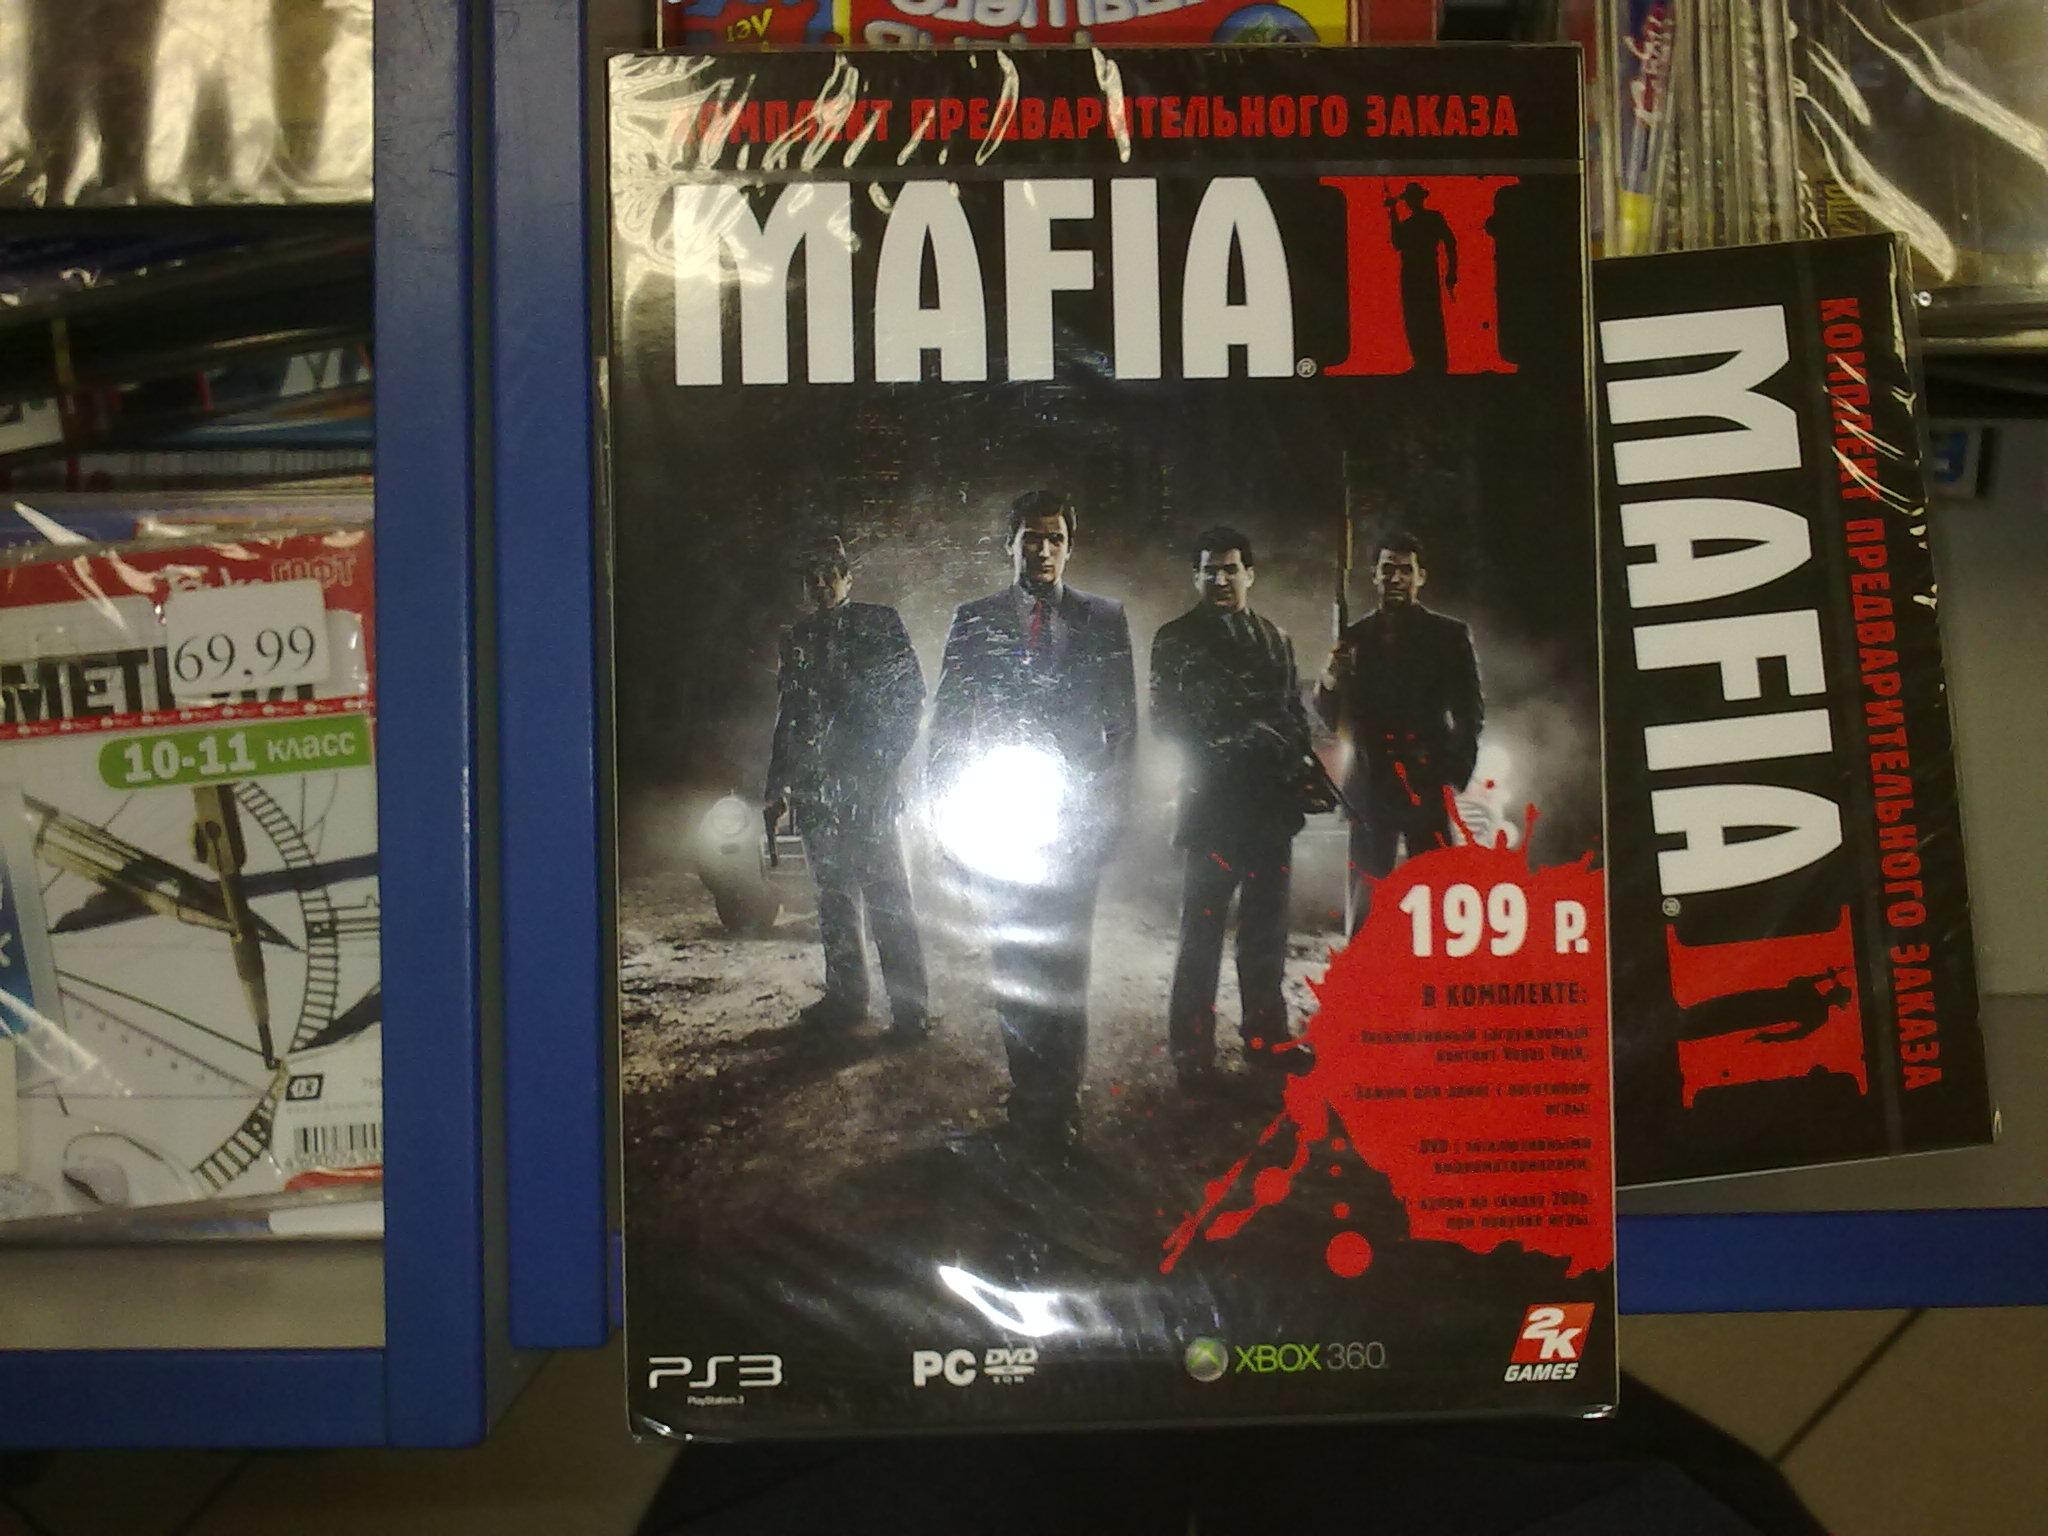 MAFIA II - Mafia 2